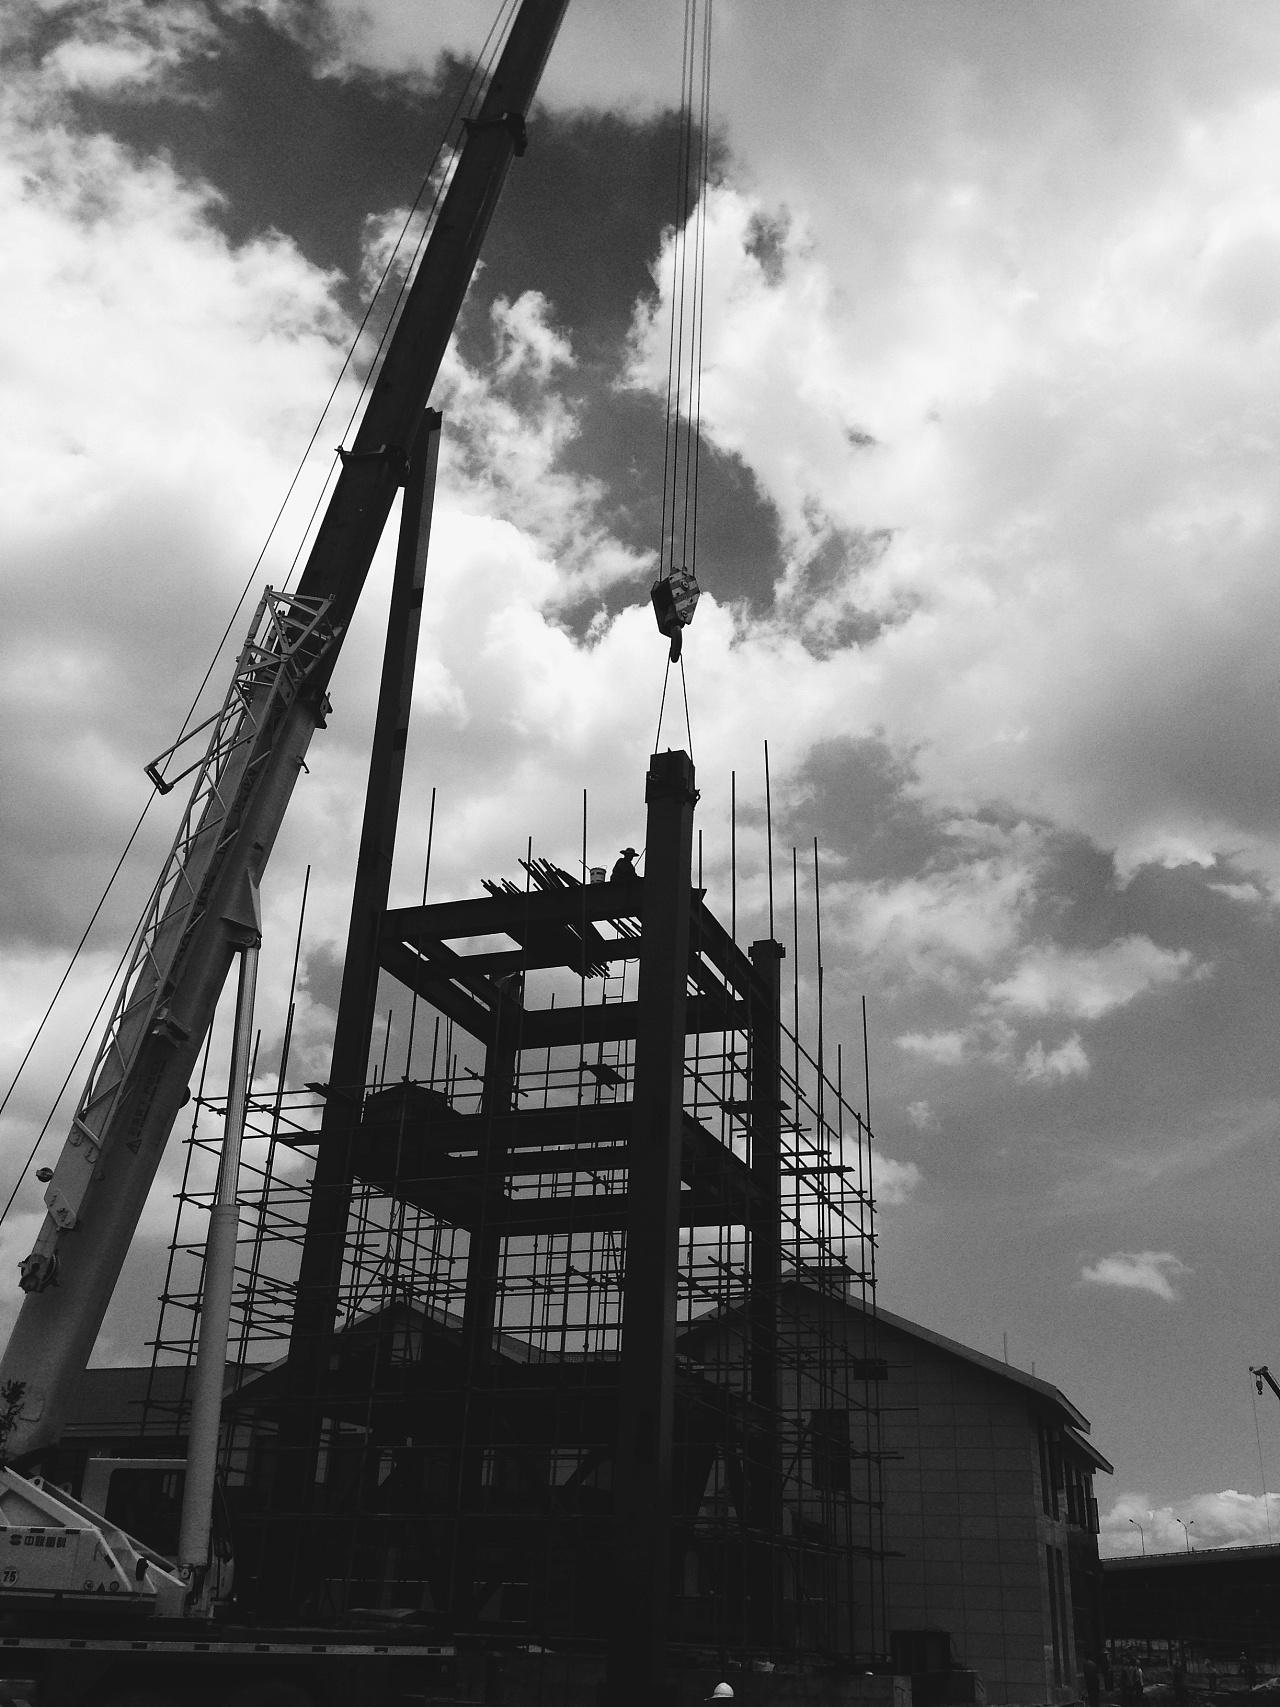 一钢结构吊装|摄影|环境/建筑|lindesign - 原创作品